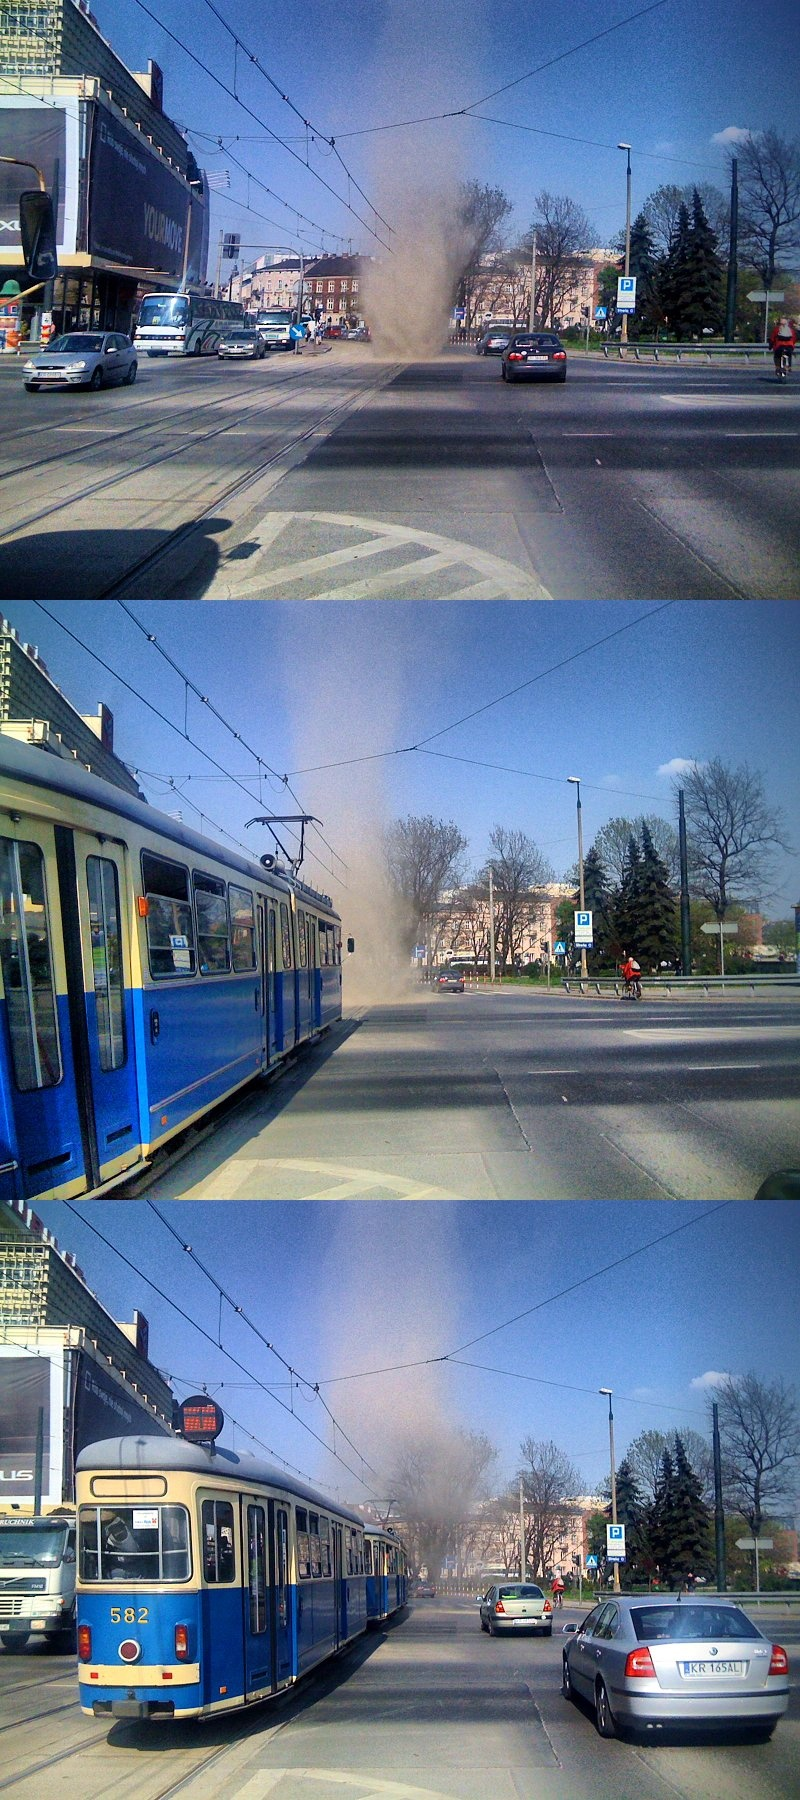 Dust devil à Krakovie (Pologne). Source: KHRoN (Own work)